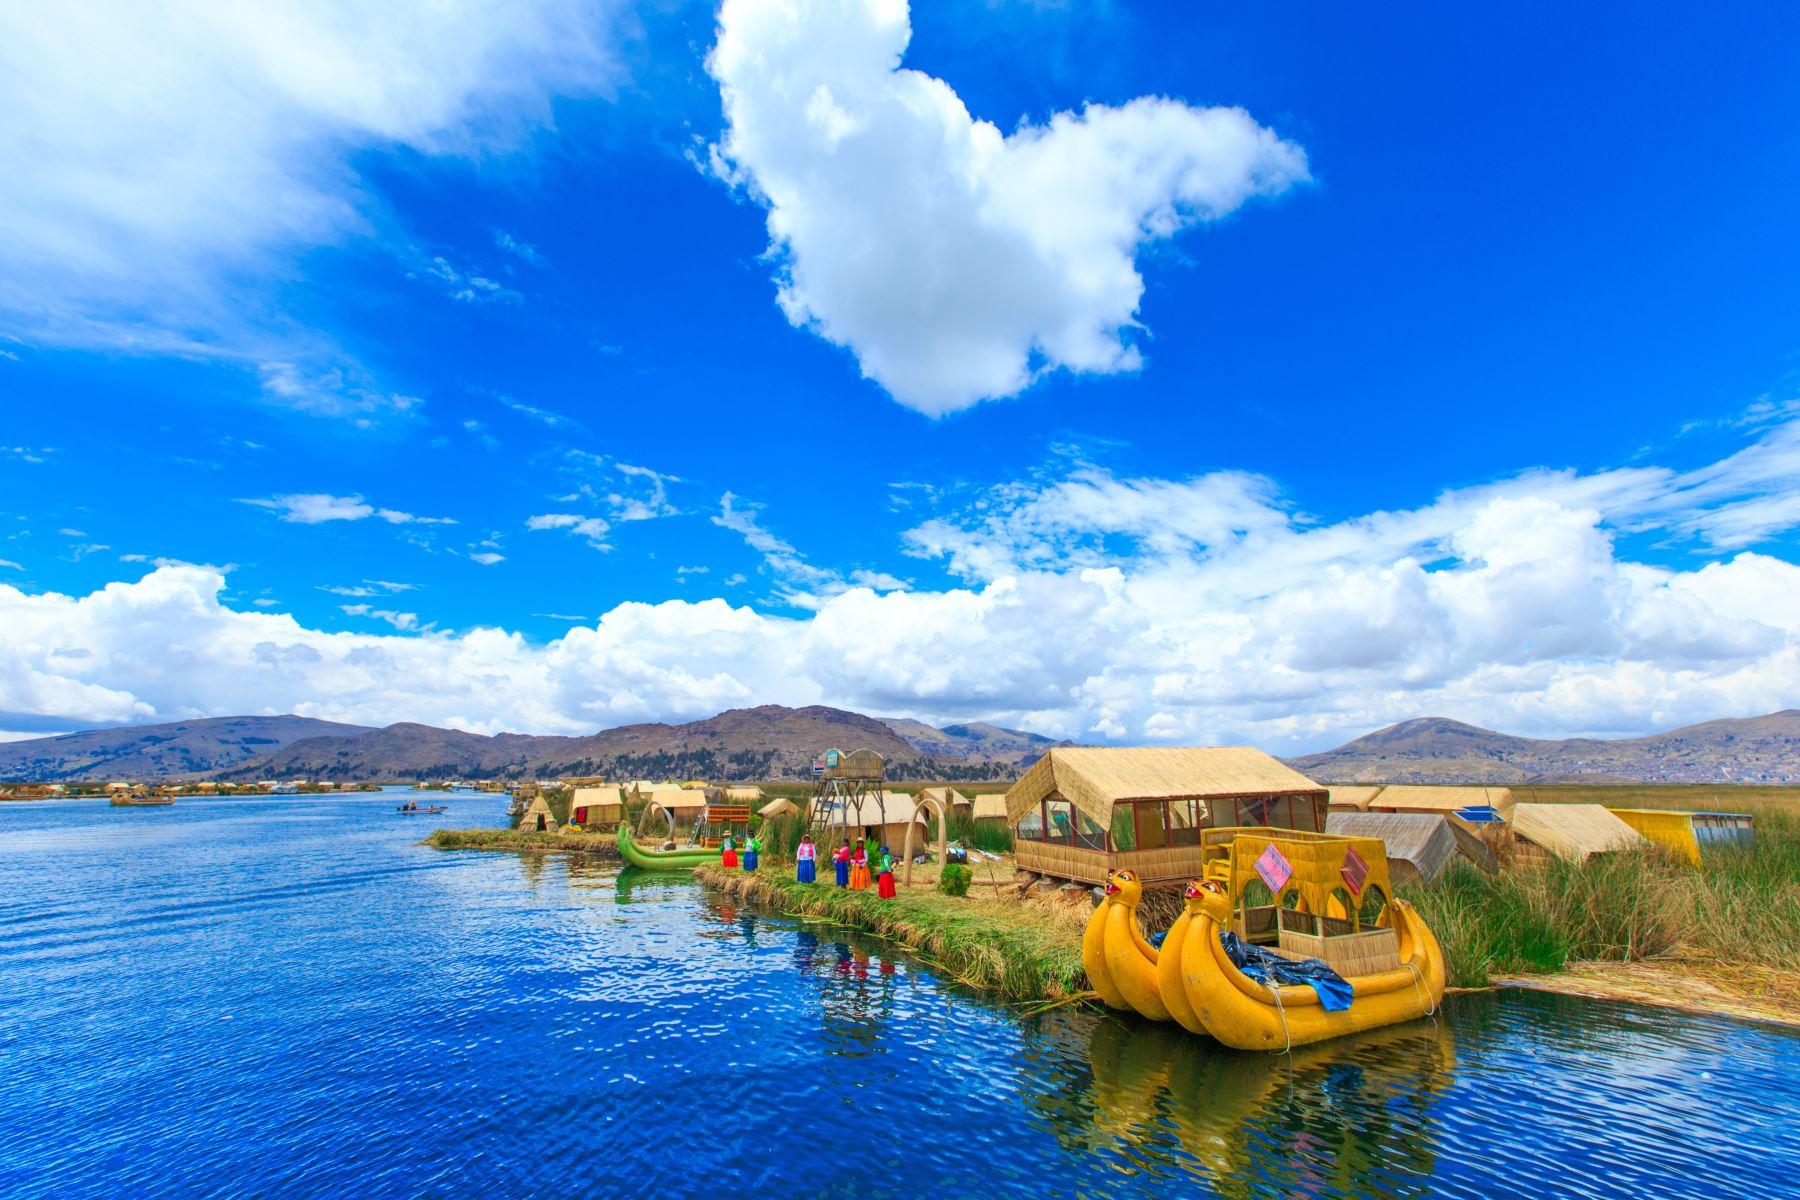 El lago Titicaca registra cada año una creciente afluencia de visitantes atraídos por sus relucientes aguas que acogen a islas flotantes hechas de totora donde viven ancestrales culturas aimaras. Foto: ANDINA/MINCETUR